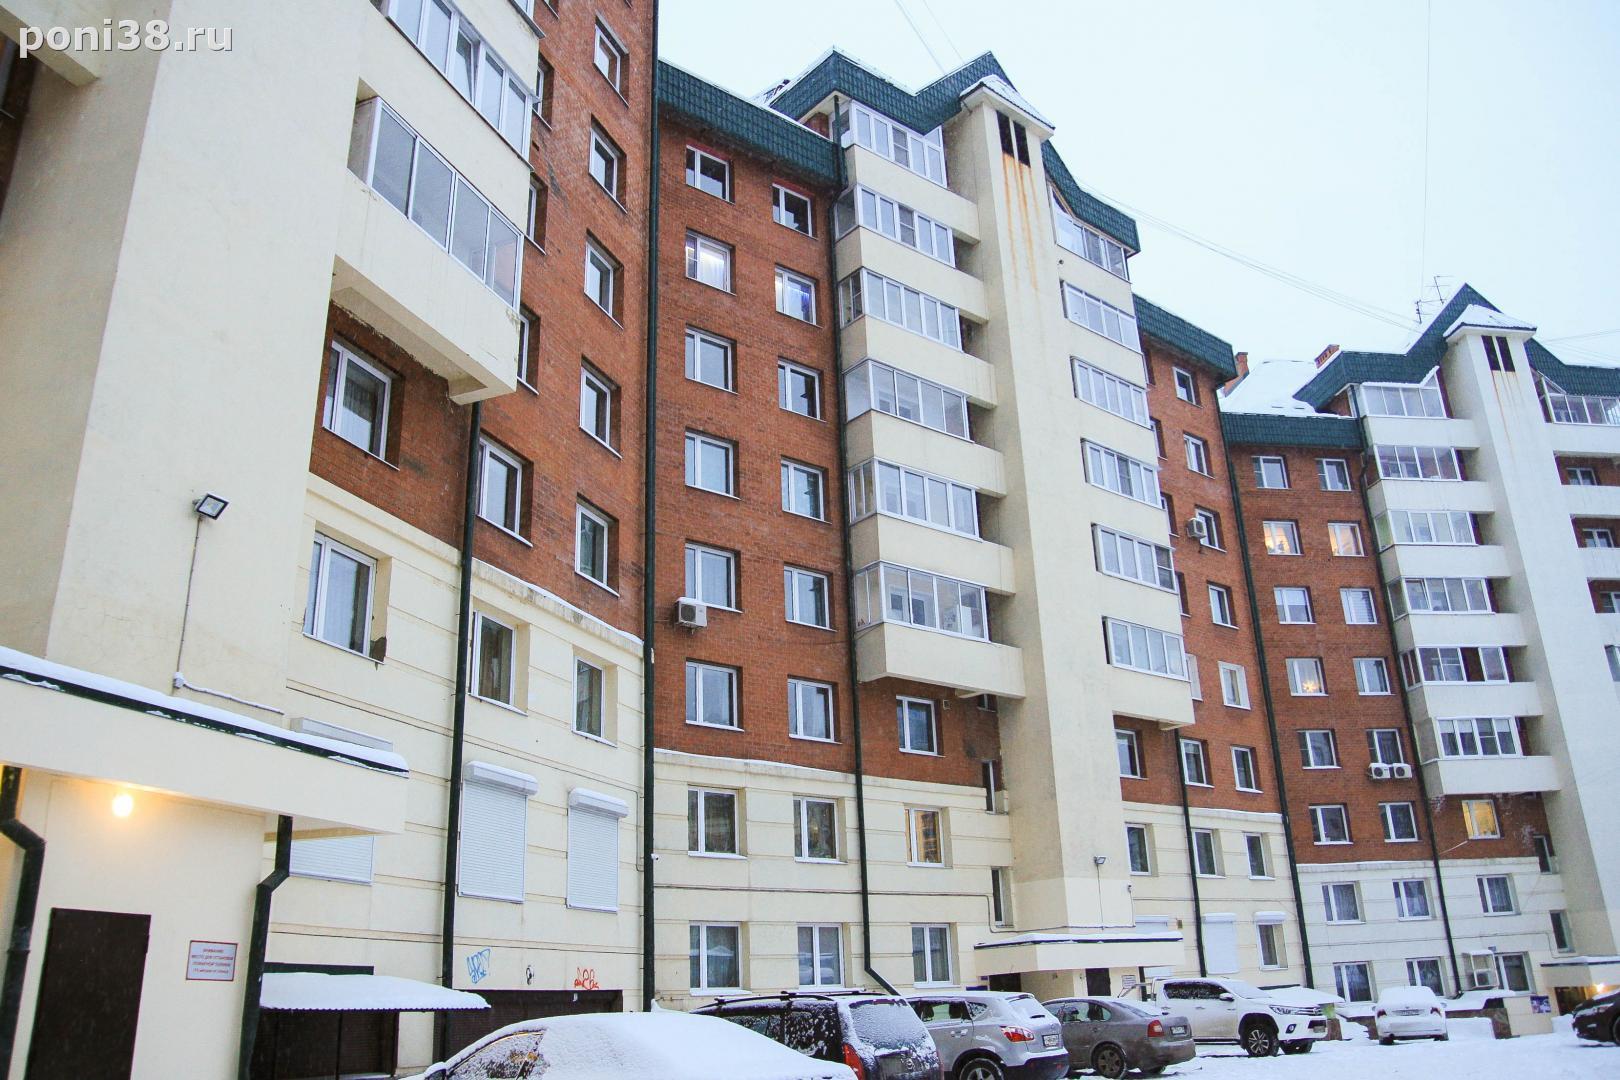 Маршала Жукова 15 - Иркутск - со двора